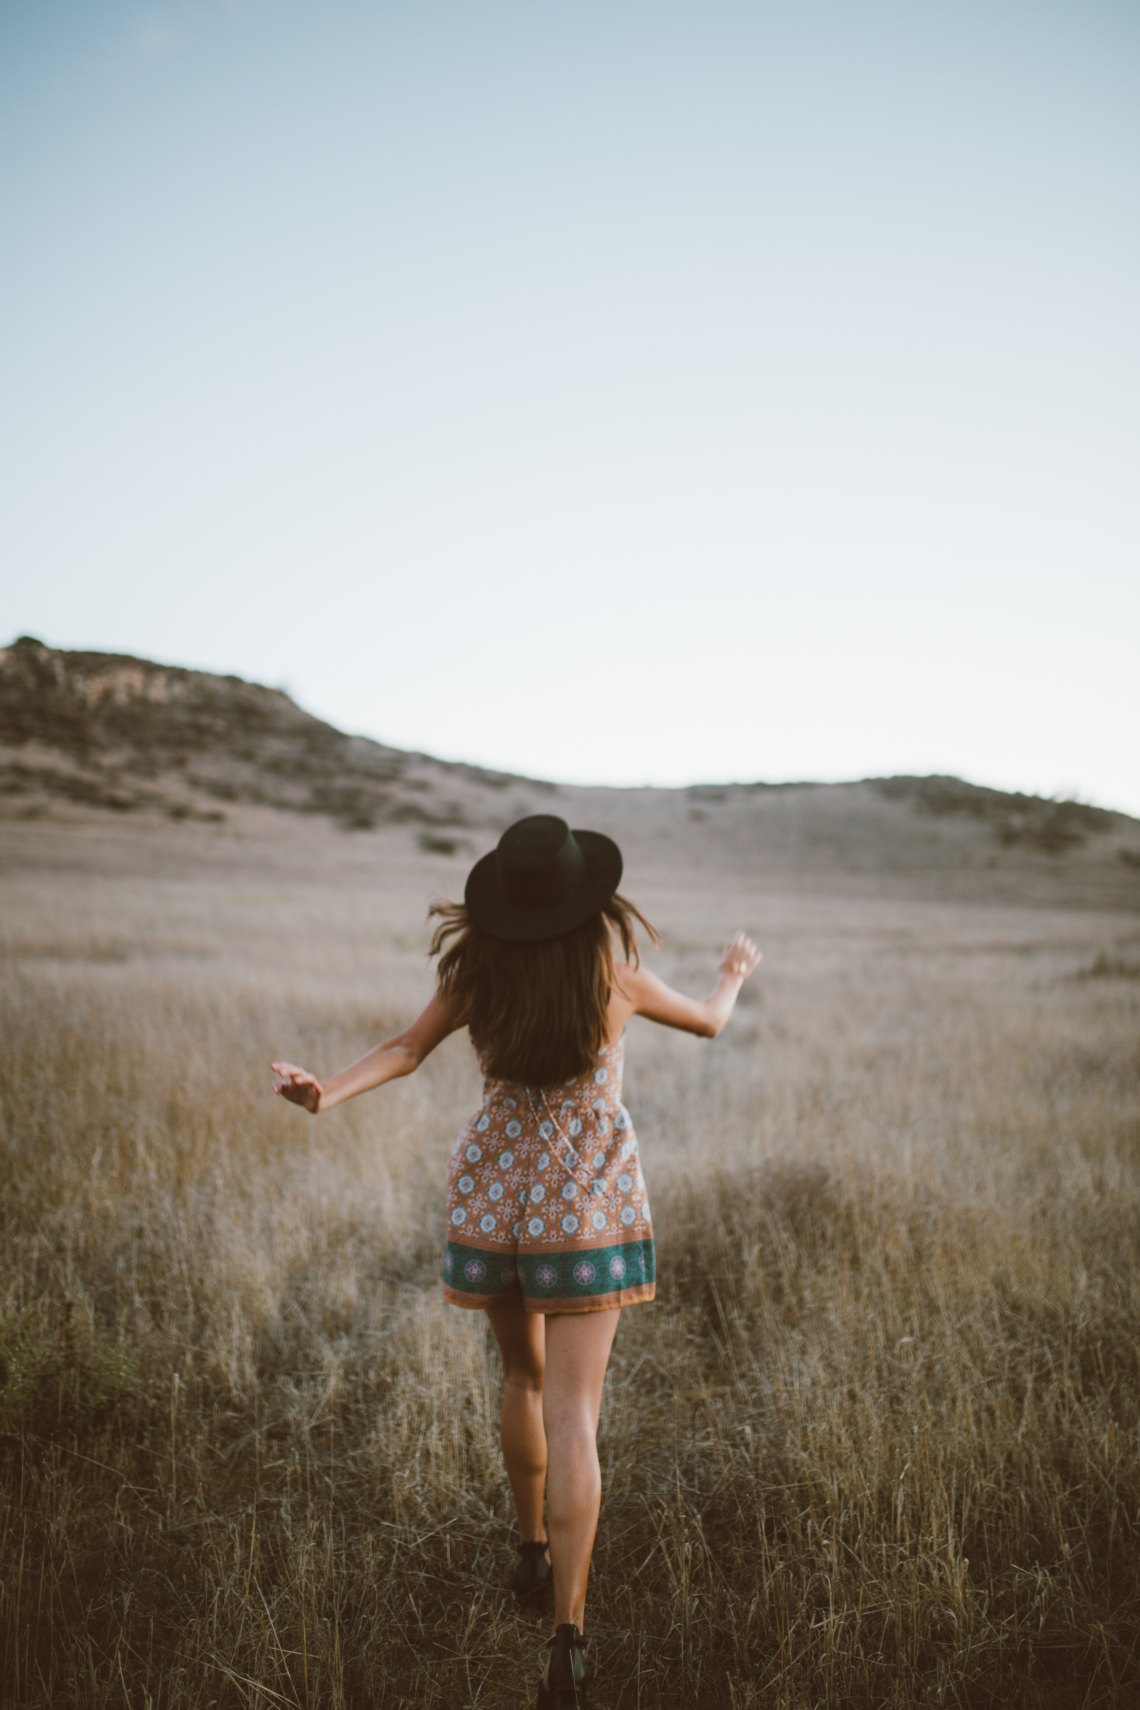 woman walking away in field